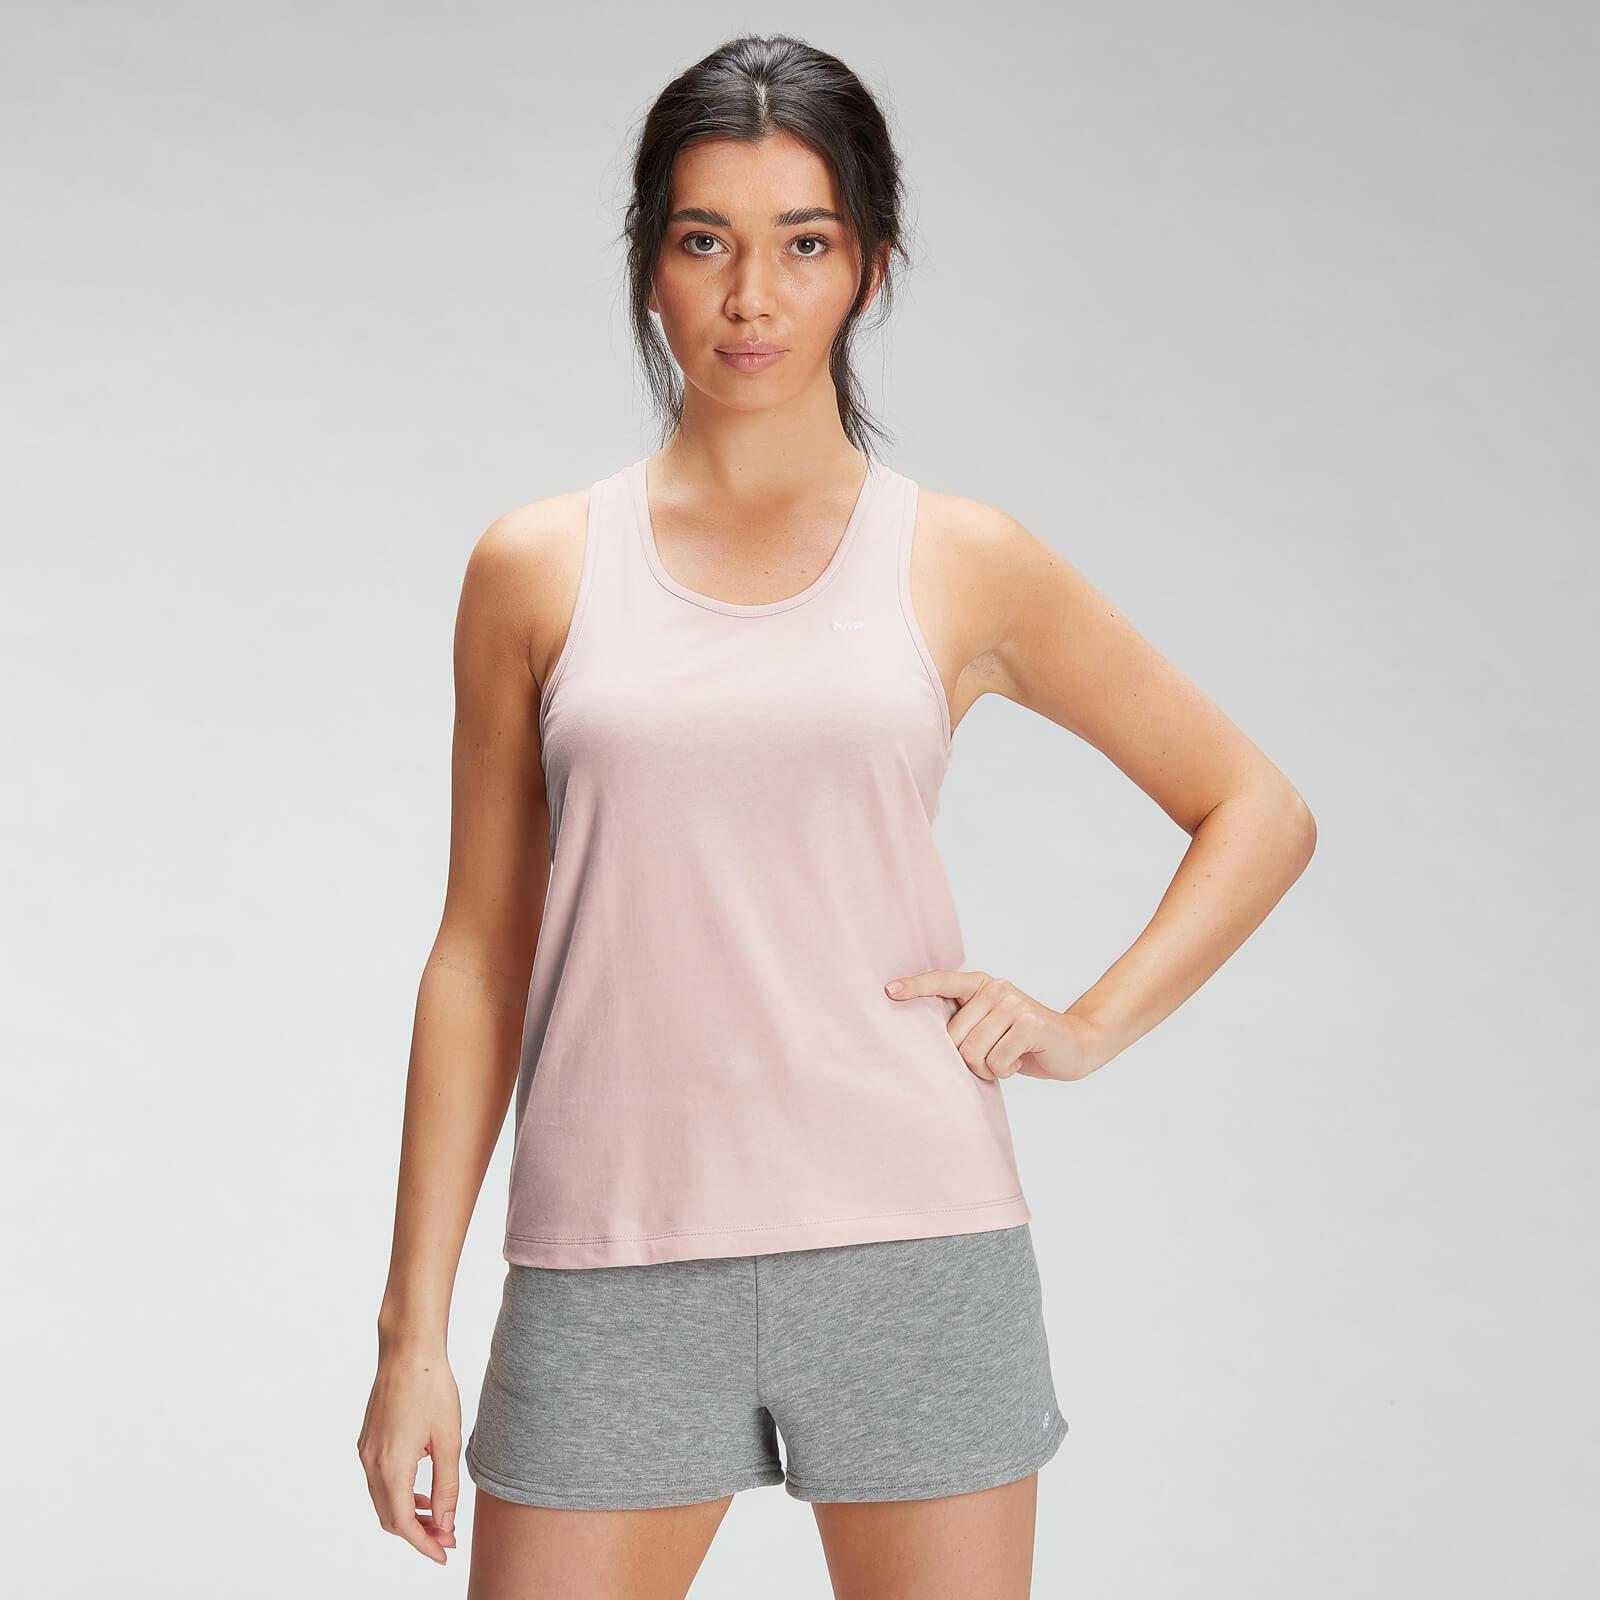 Купить MP Women's Essentials Jersey Vest - Light Pink - XXL, Myprotein International